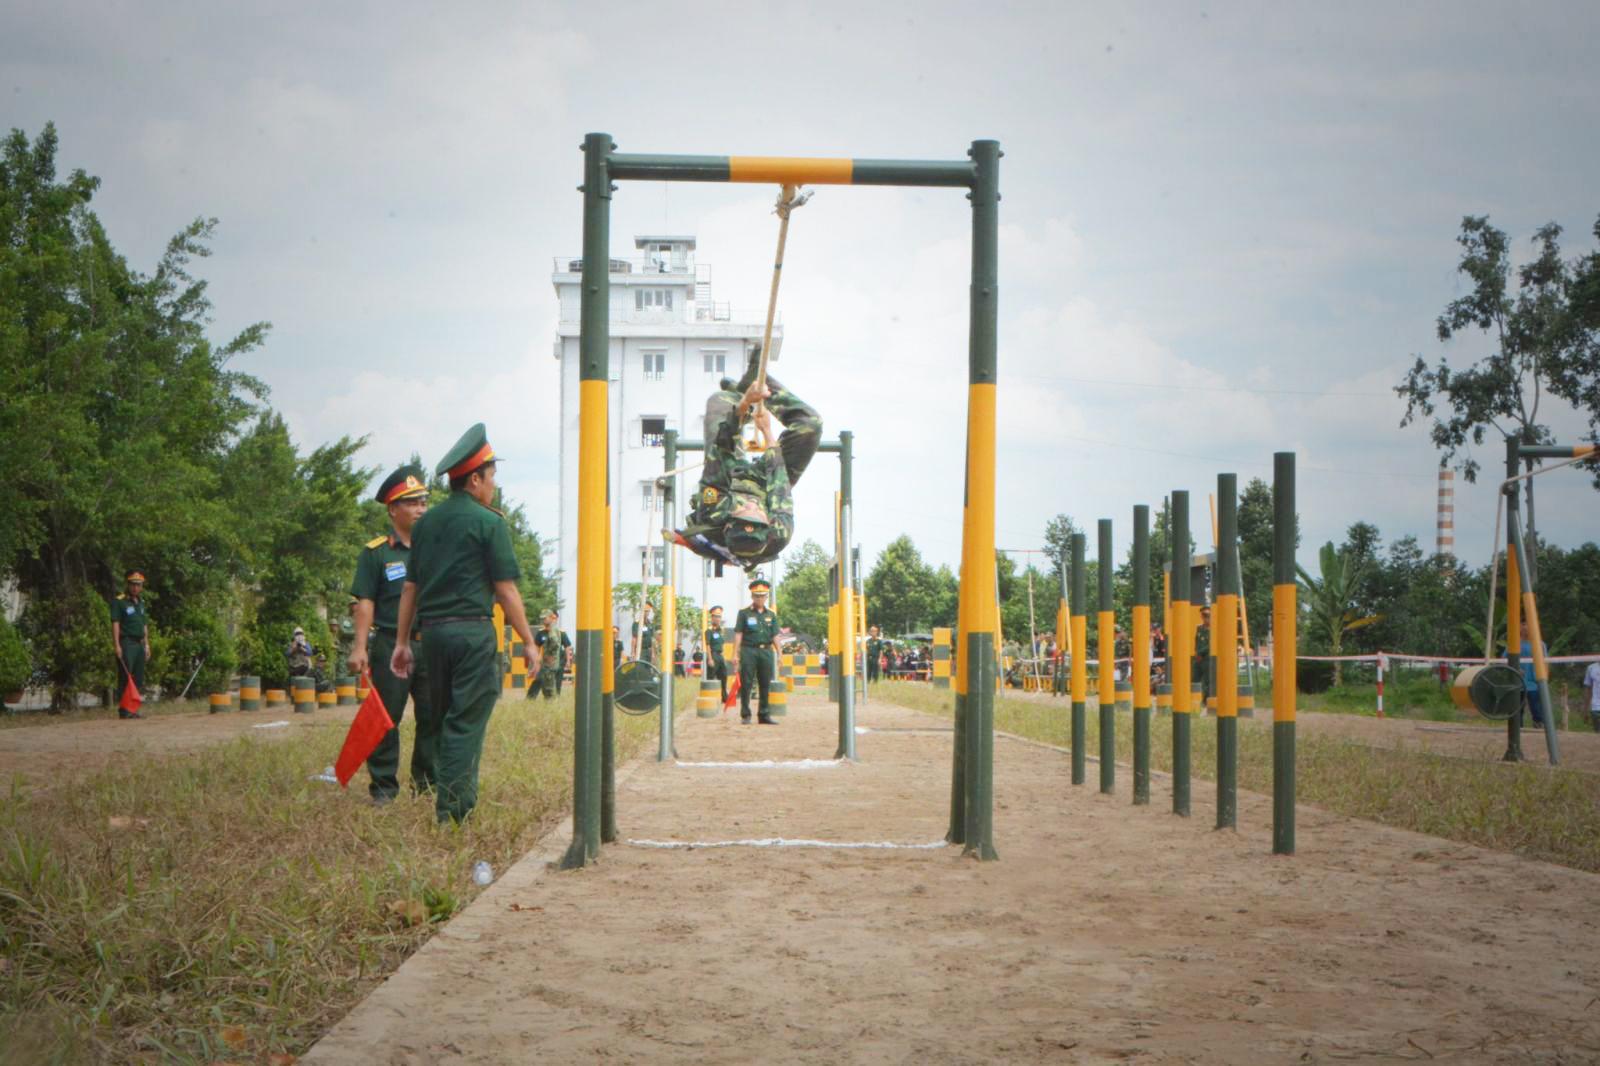 VĐV thi đấu nội dung 4 môn thể thao quân sự phối hợp liên hoàn. Ảnh: Văn Trường